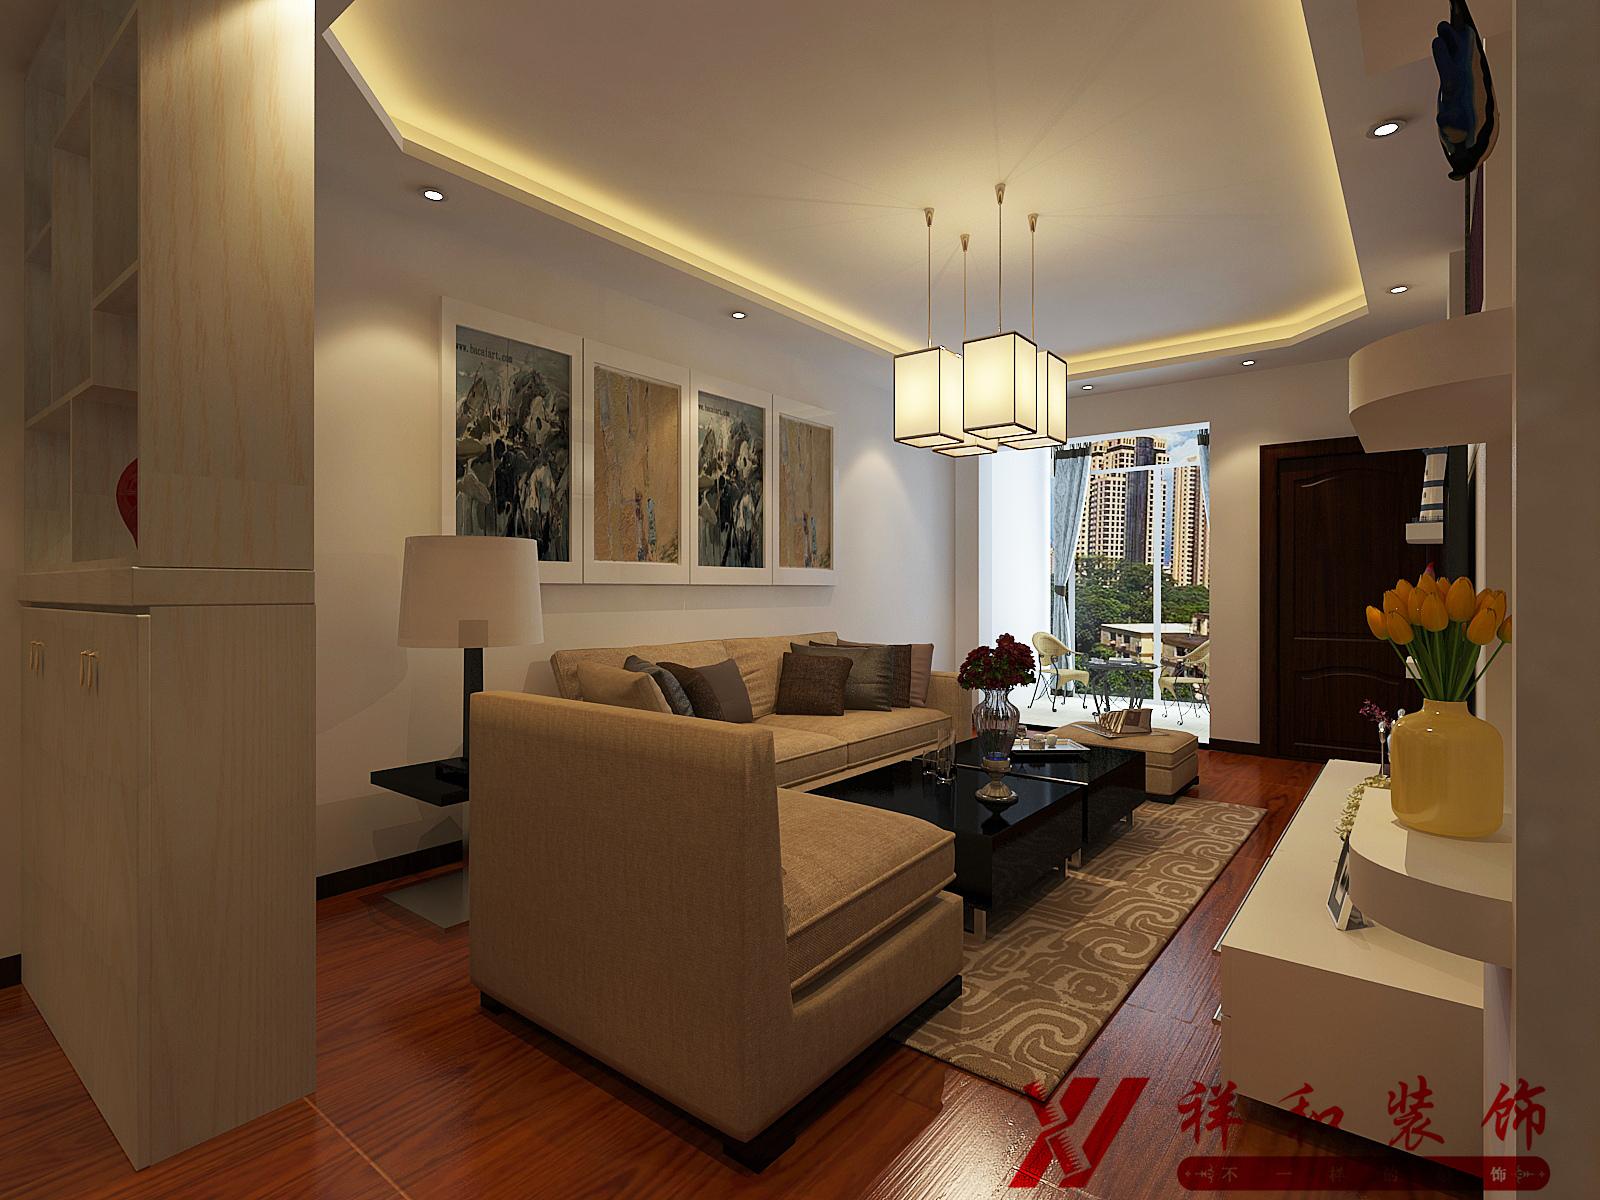 混搭 三居 80后 中式 客厅图片来自贵阳祥和装饰在【花果园】T1区10栋1单元1808号的分享